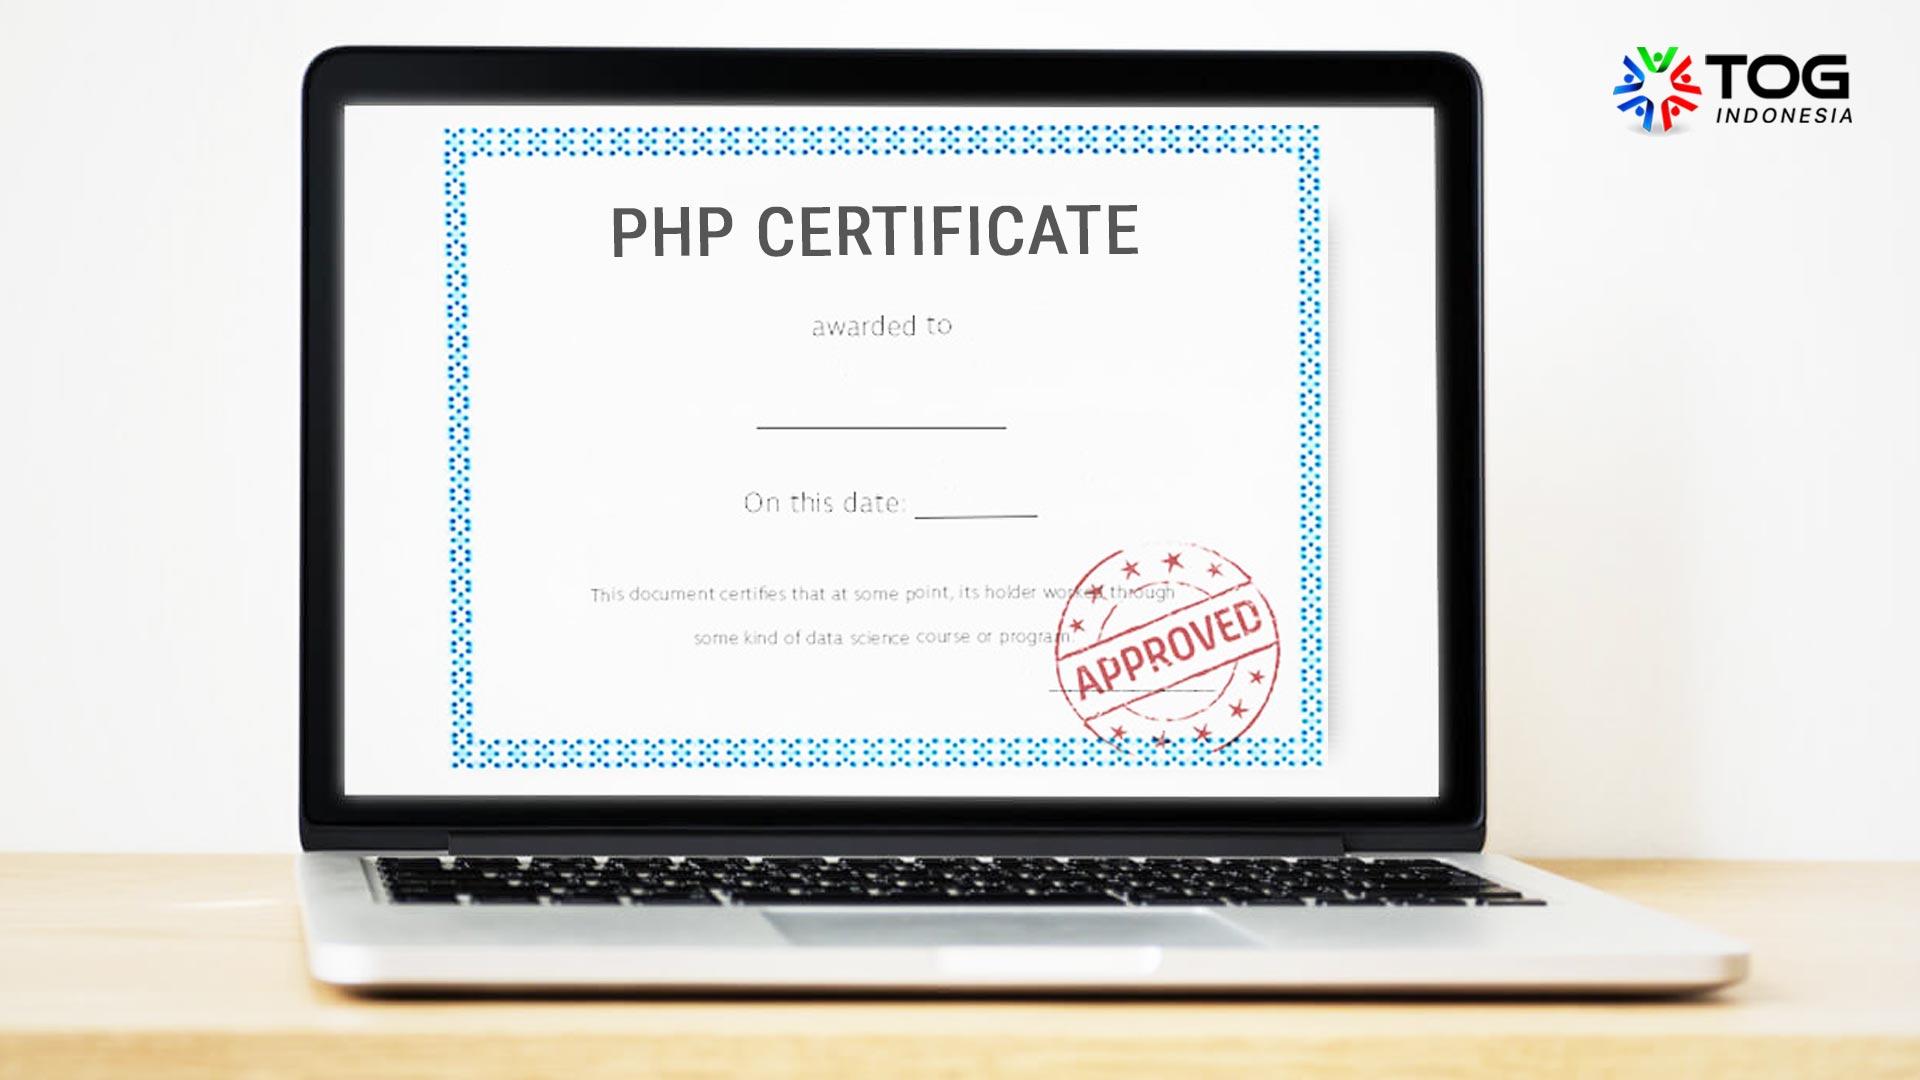 sertifikasi php